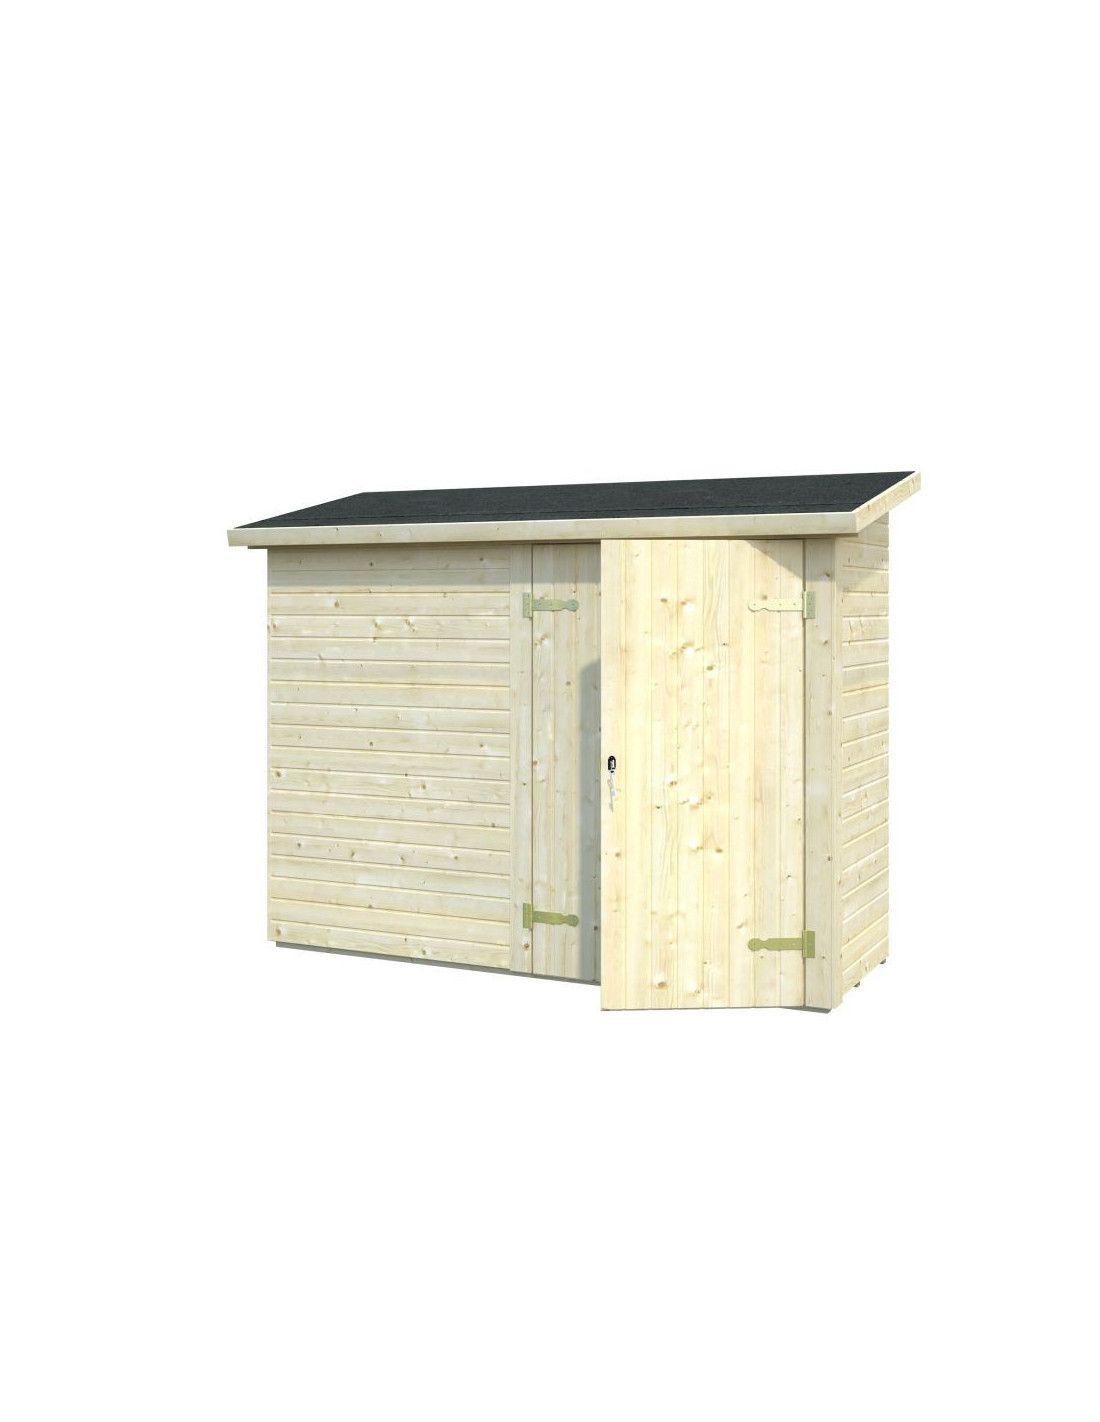 Armarios de exterior en madera mod leif 2 2 m hortum - Armario de madera para exterior ...